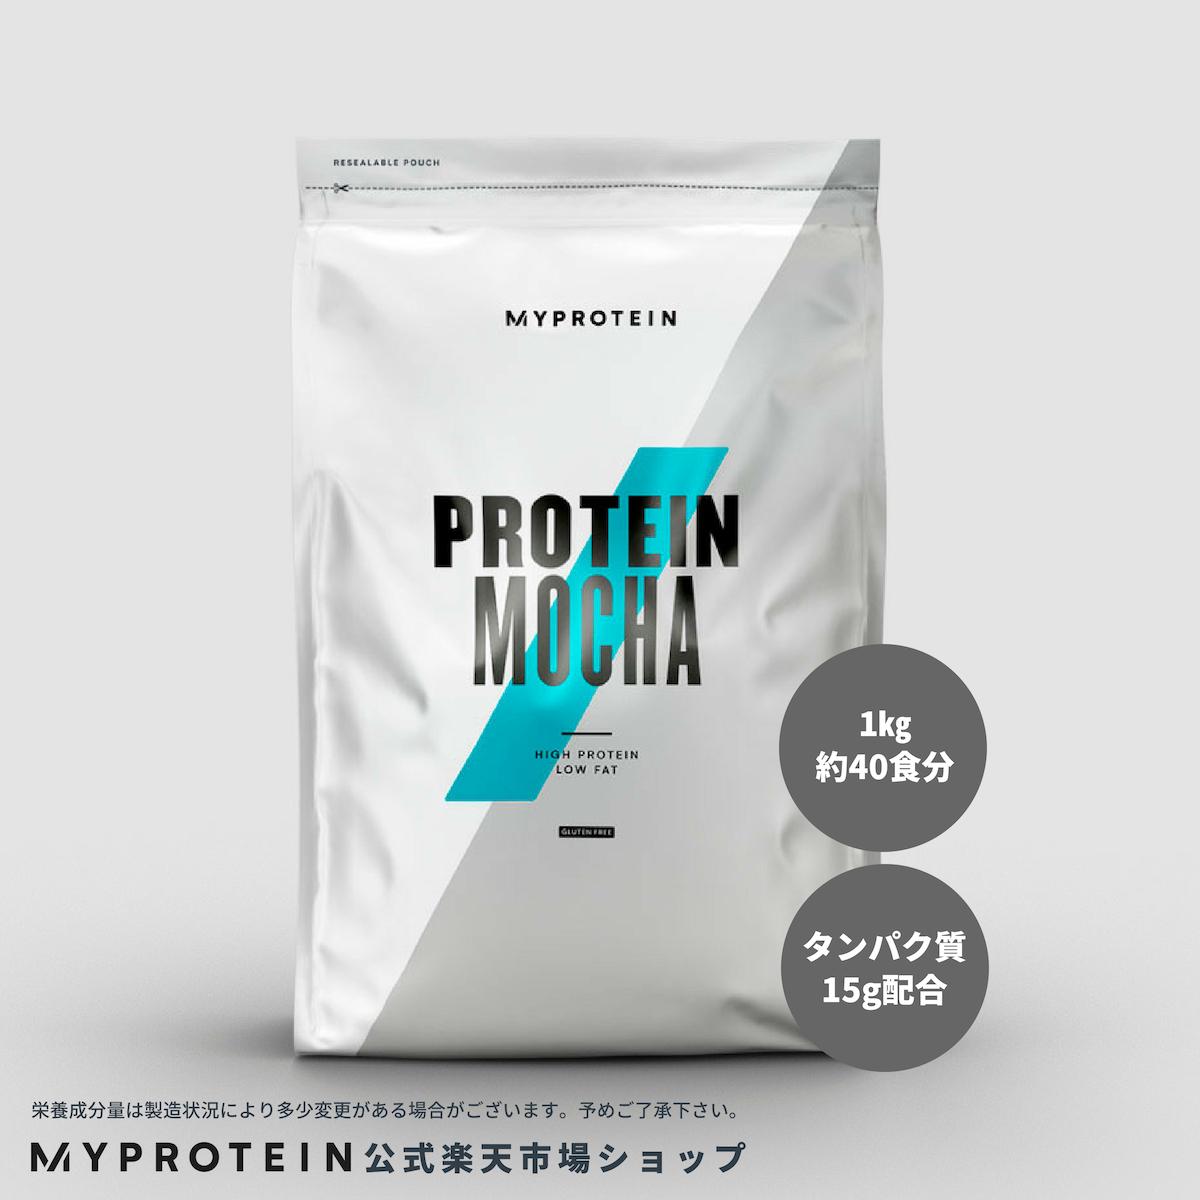 マイプロテイン 公式 【MyProtein】 プロテイン モカ 1kg 40食分| プロテインドリンク カフェ カフェラテ 低脂肪 高たんぱく